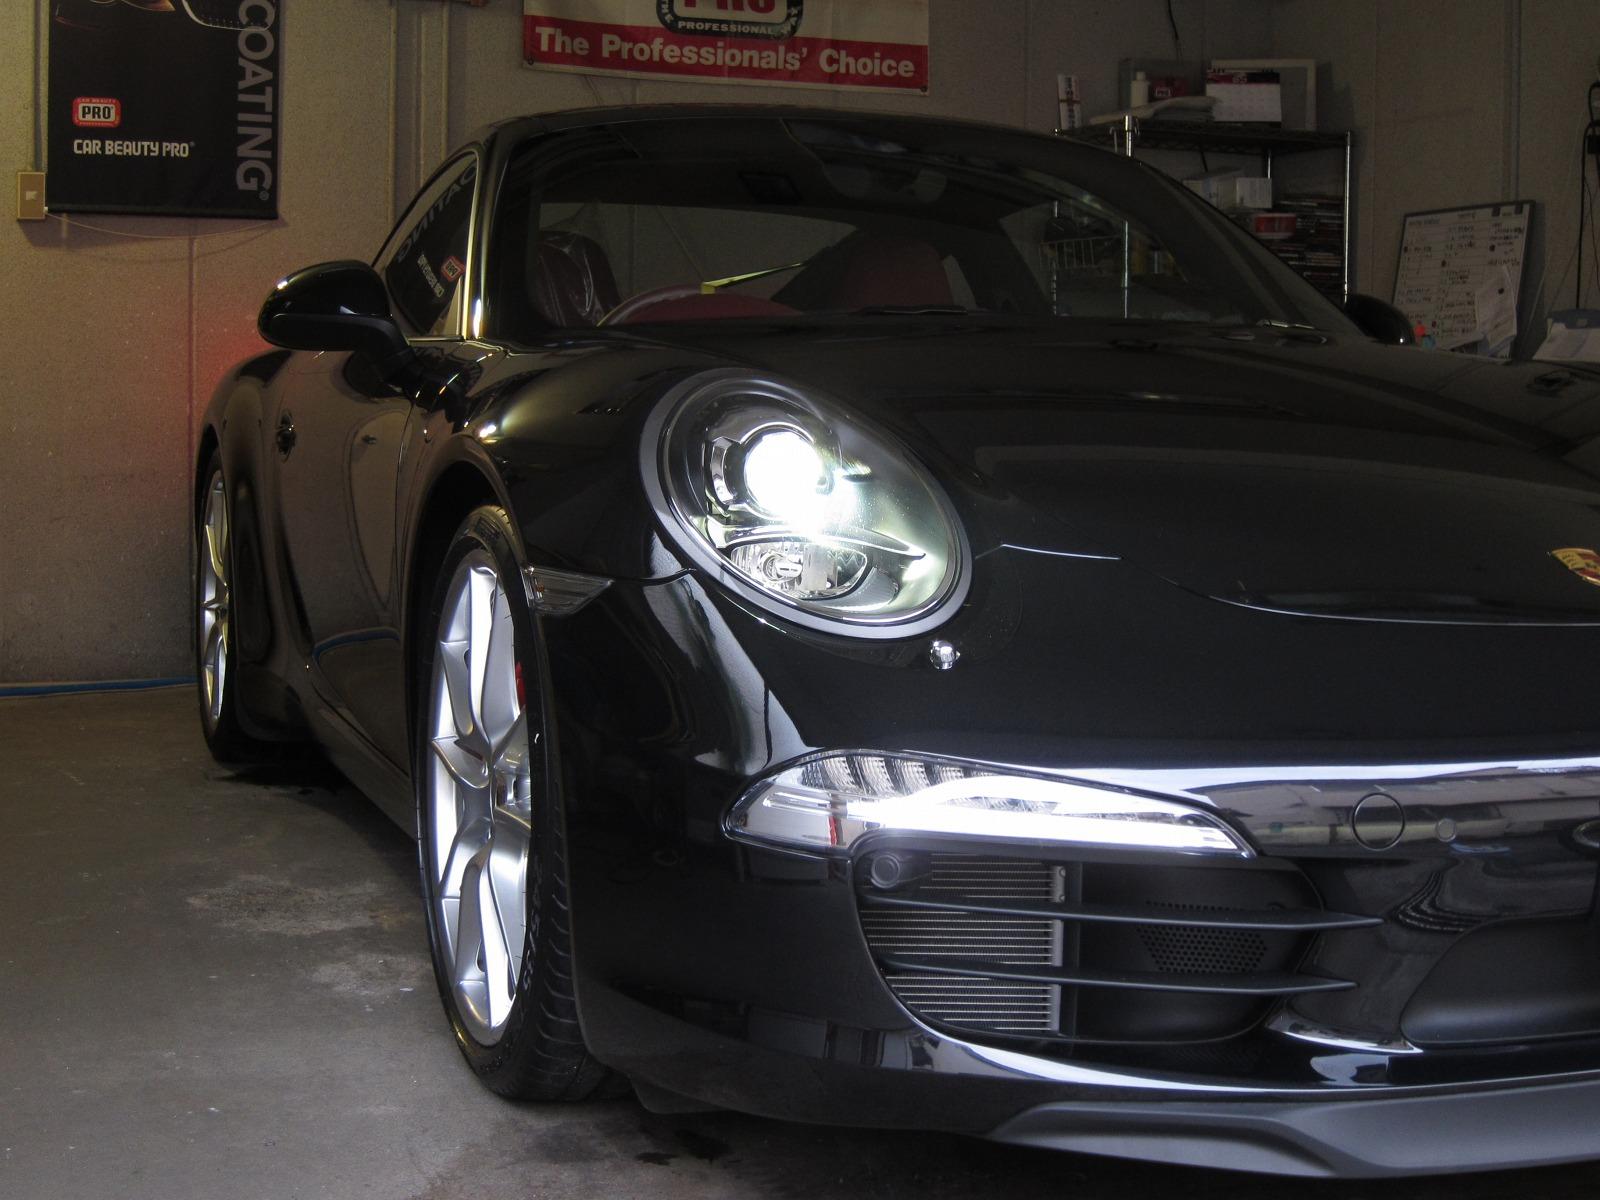 20141123-porsche-911-carreras-09